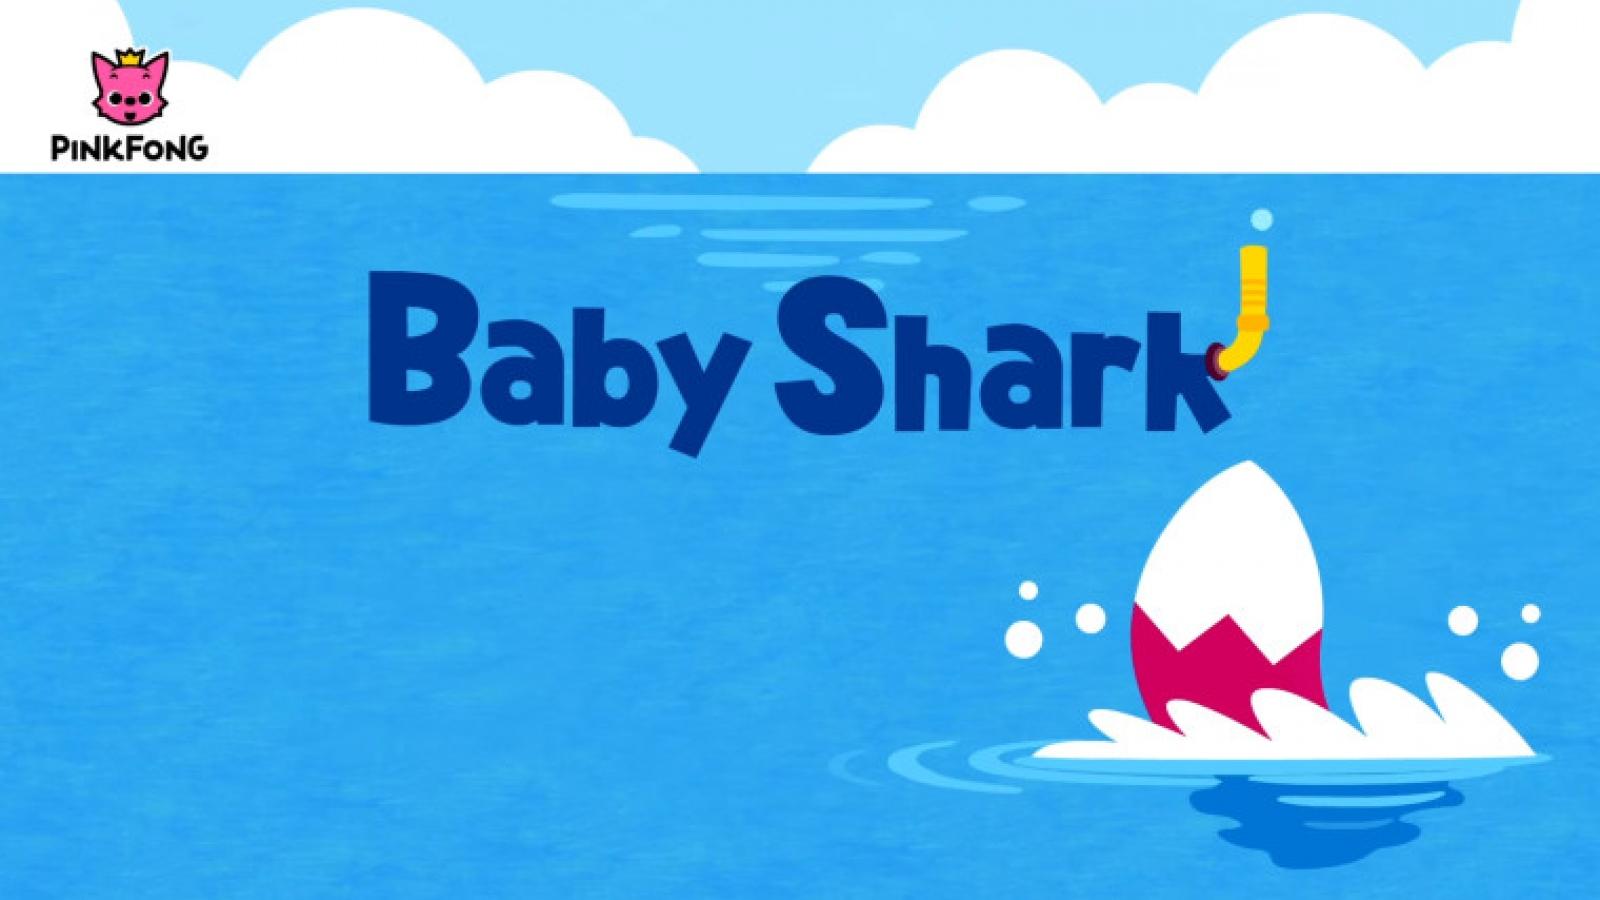 Baby Shark hiện là video được xem nhiều nhất mọi thời đại trên YouTube